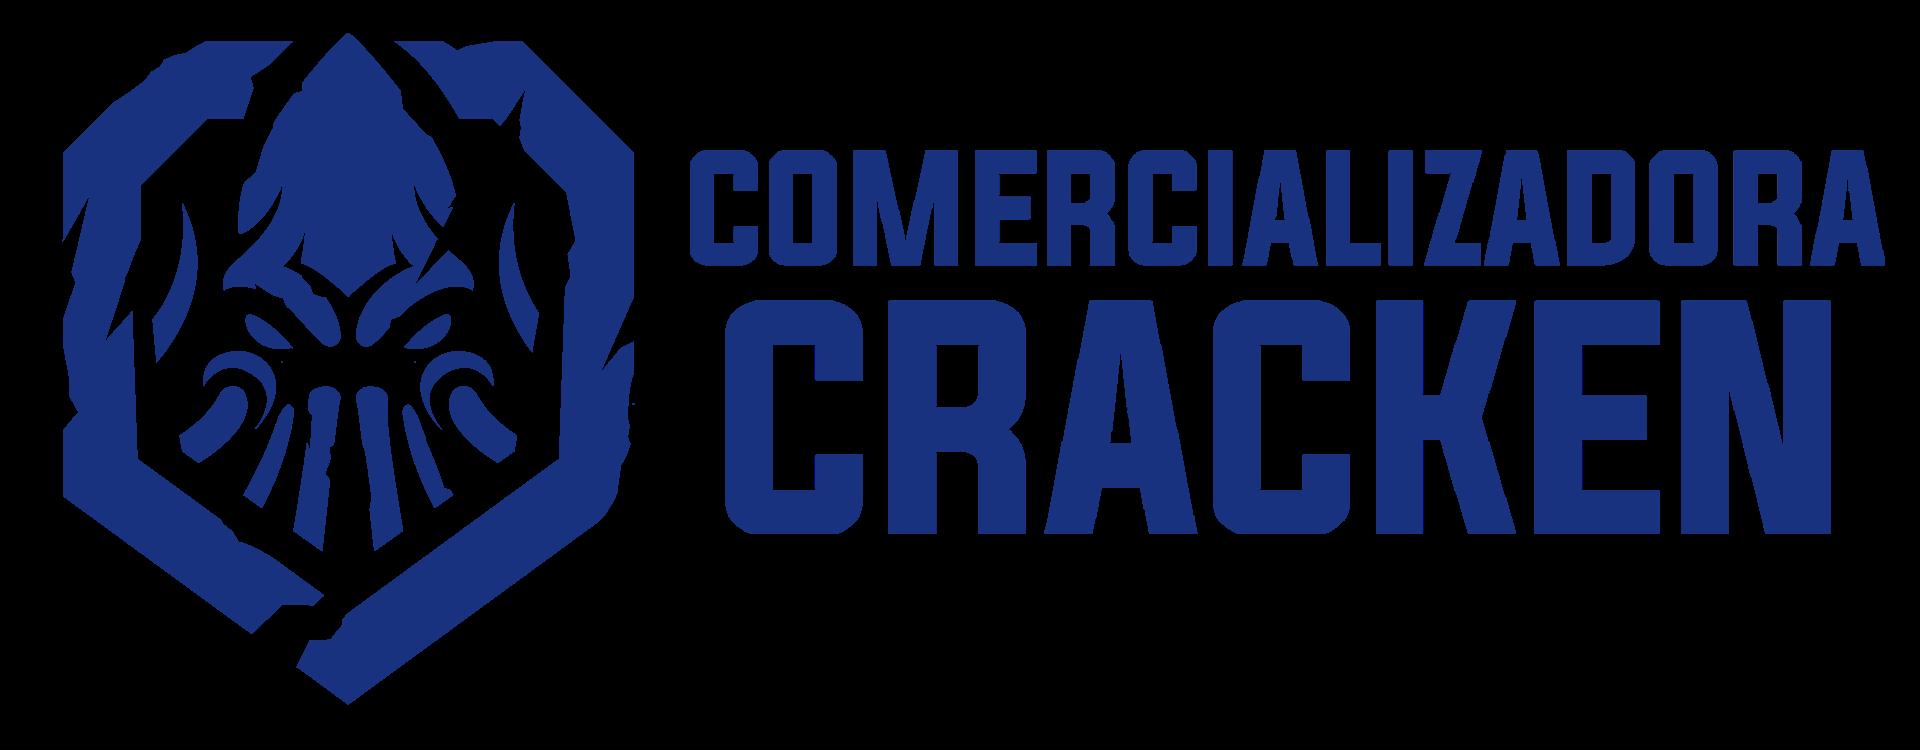 COMERCIALIZADORA CRACKEN